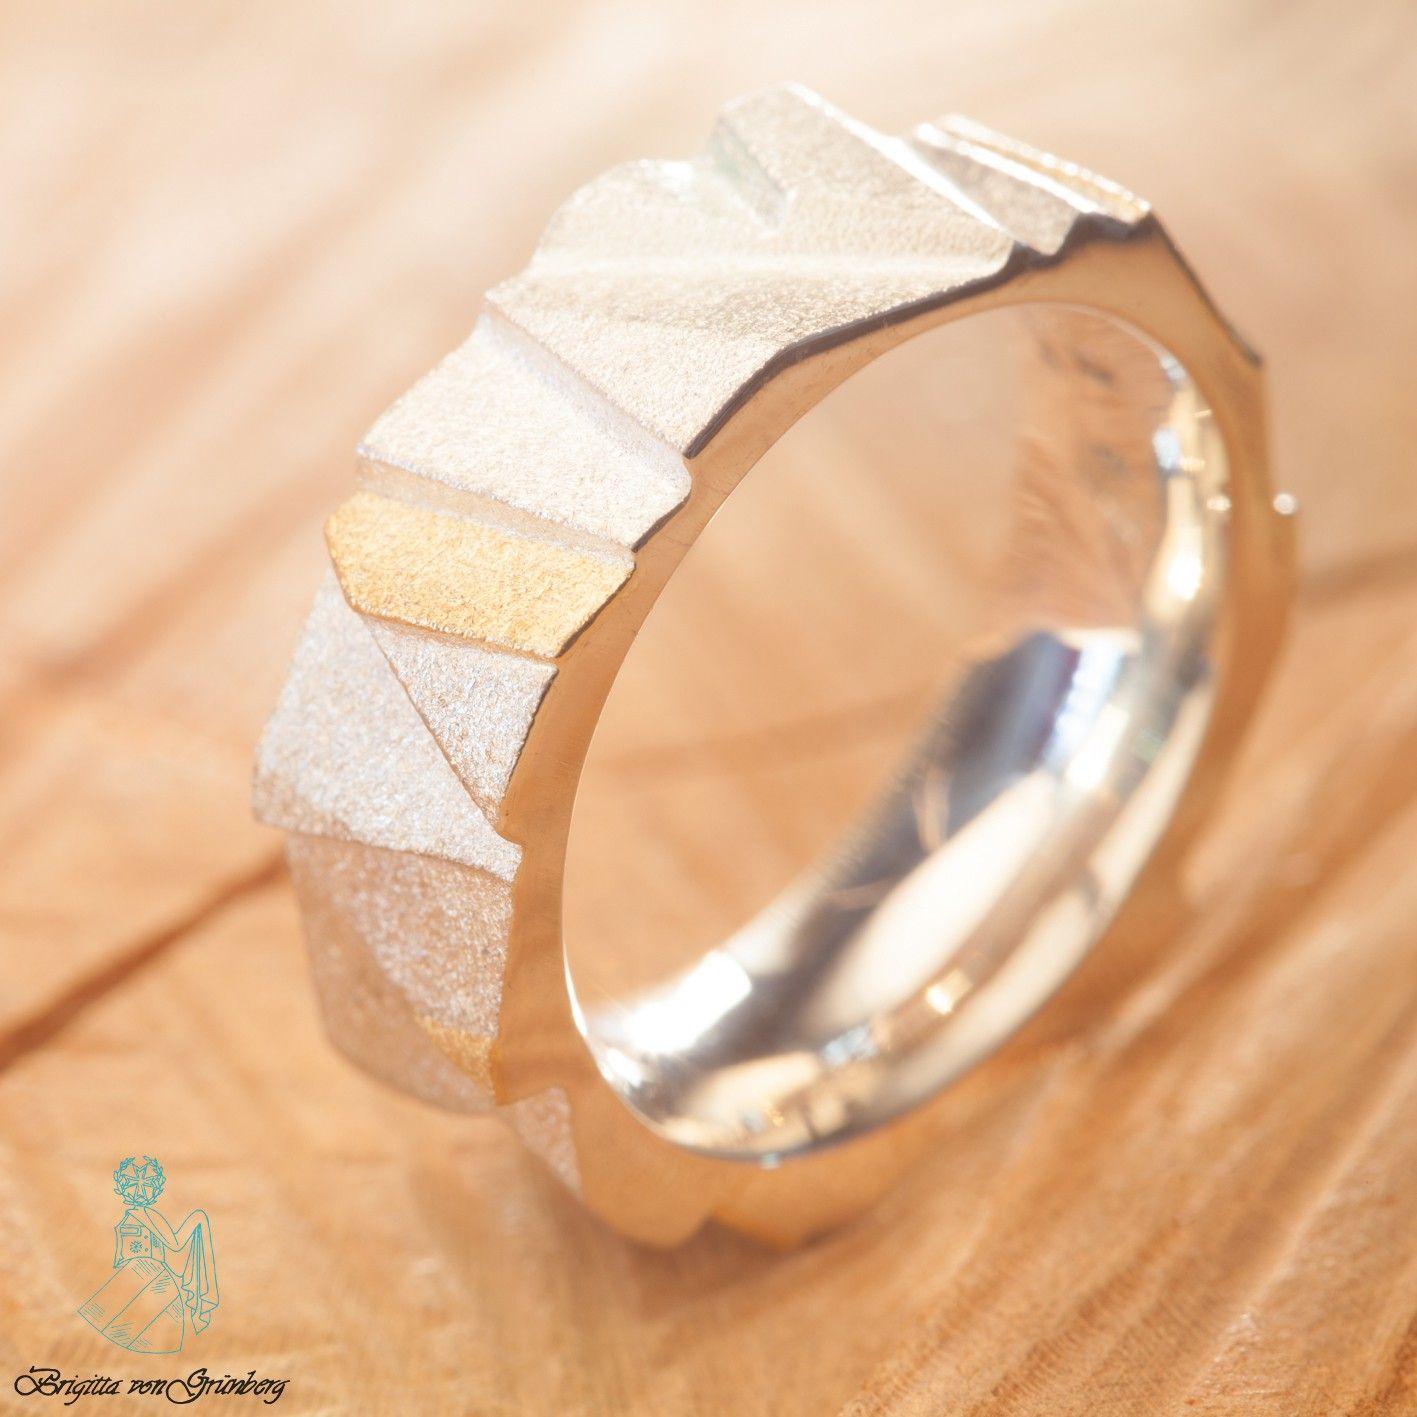 Treppenring aus 925er Silber mit 900er Gelbgold  Hier geht's zum Ring: https://www.goldschmiede-von-gruenberg.com/zweifarbige-ringe/74-treppenring-silber-gelbgold.html